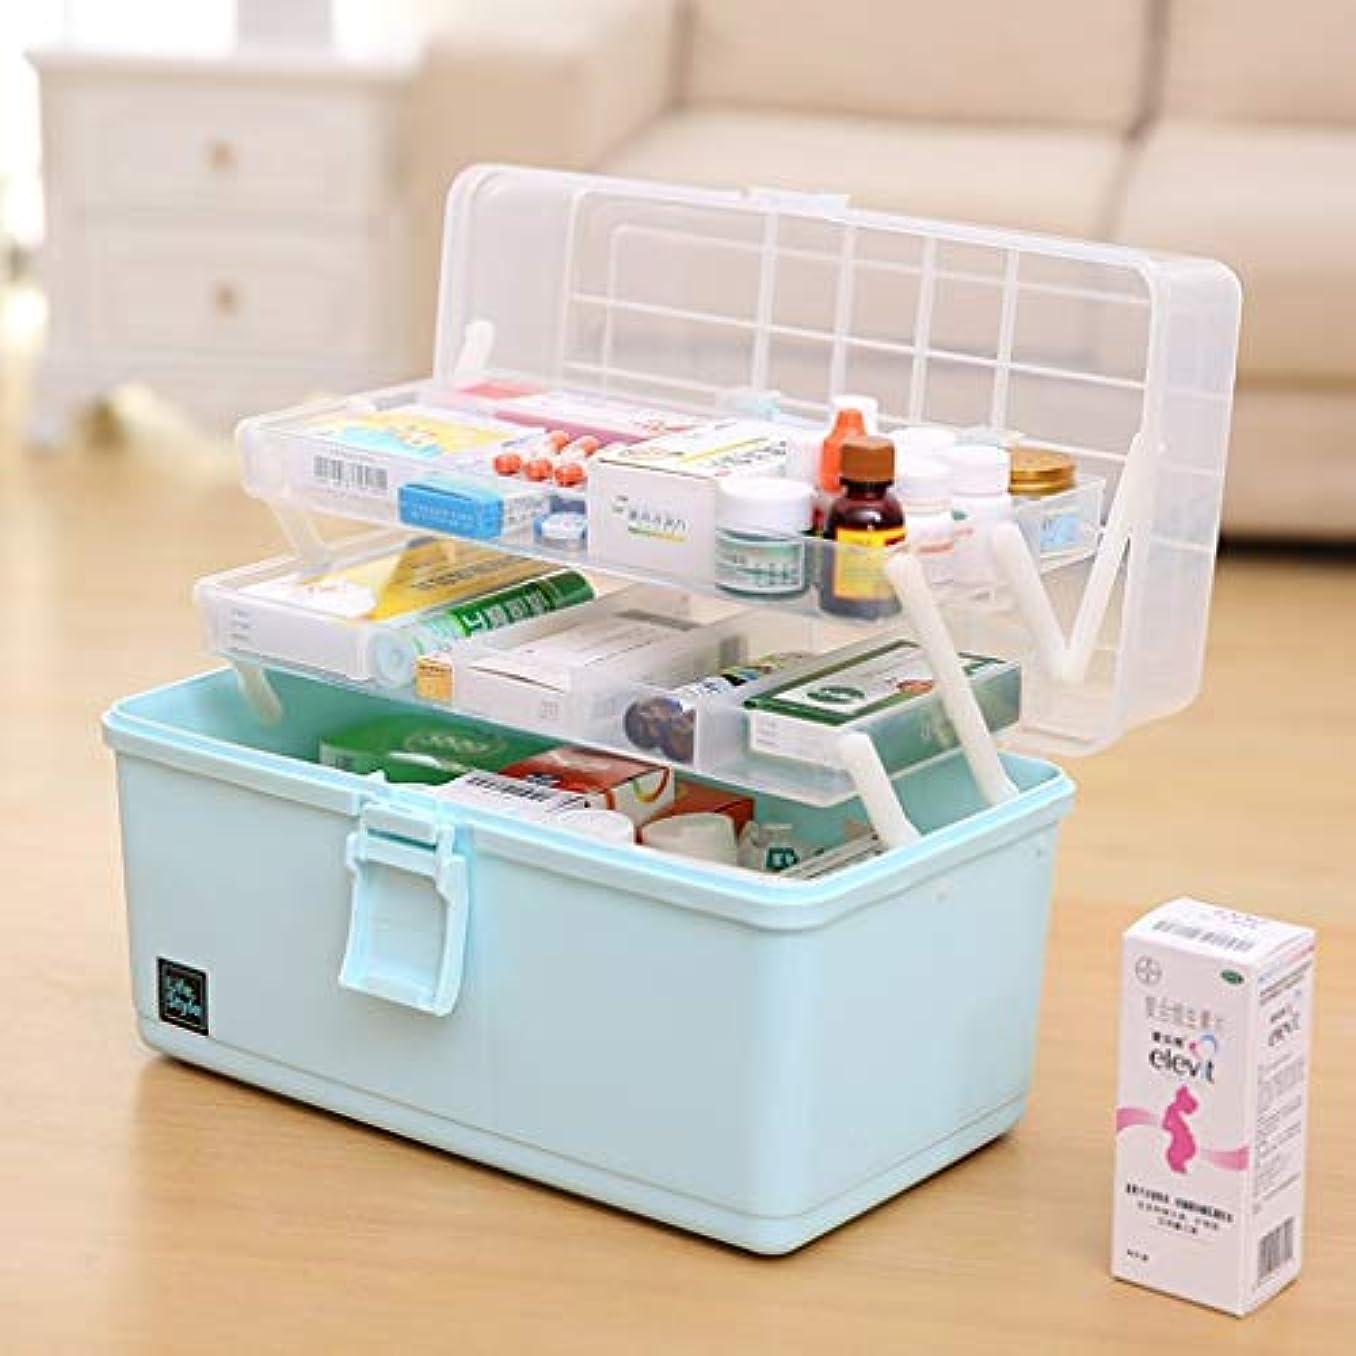 言い聞かせる分布思い出BBJOZ 薬品キャビネット、3段医療収納ボックス、透明カバー救急箱救急医療キット (Color : B)